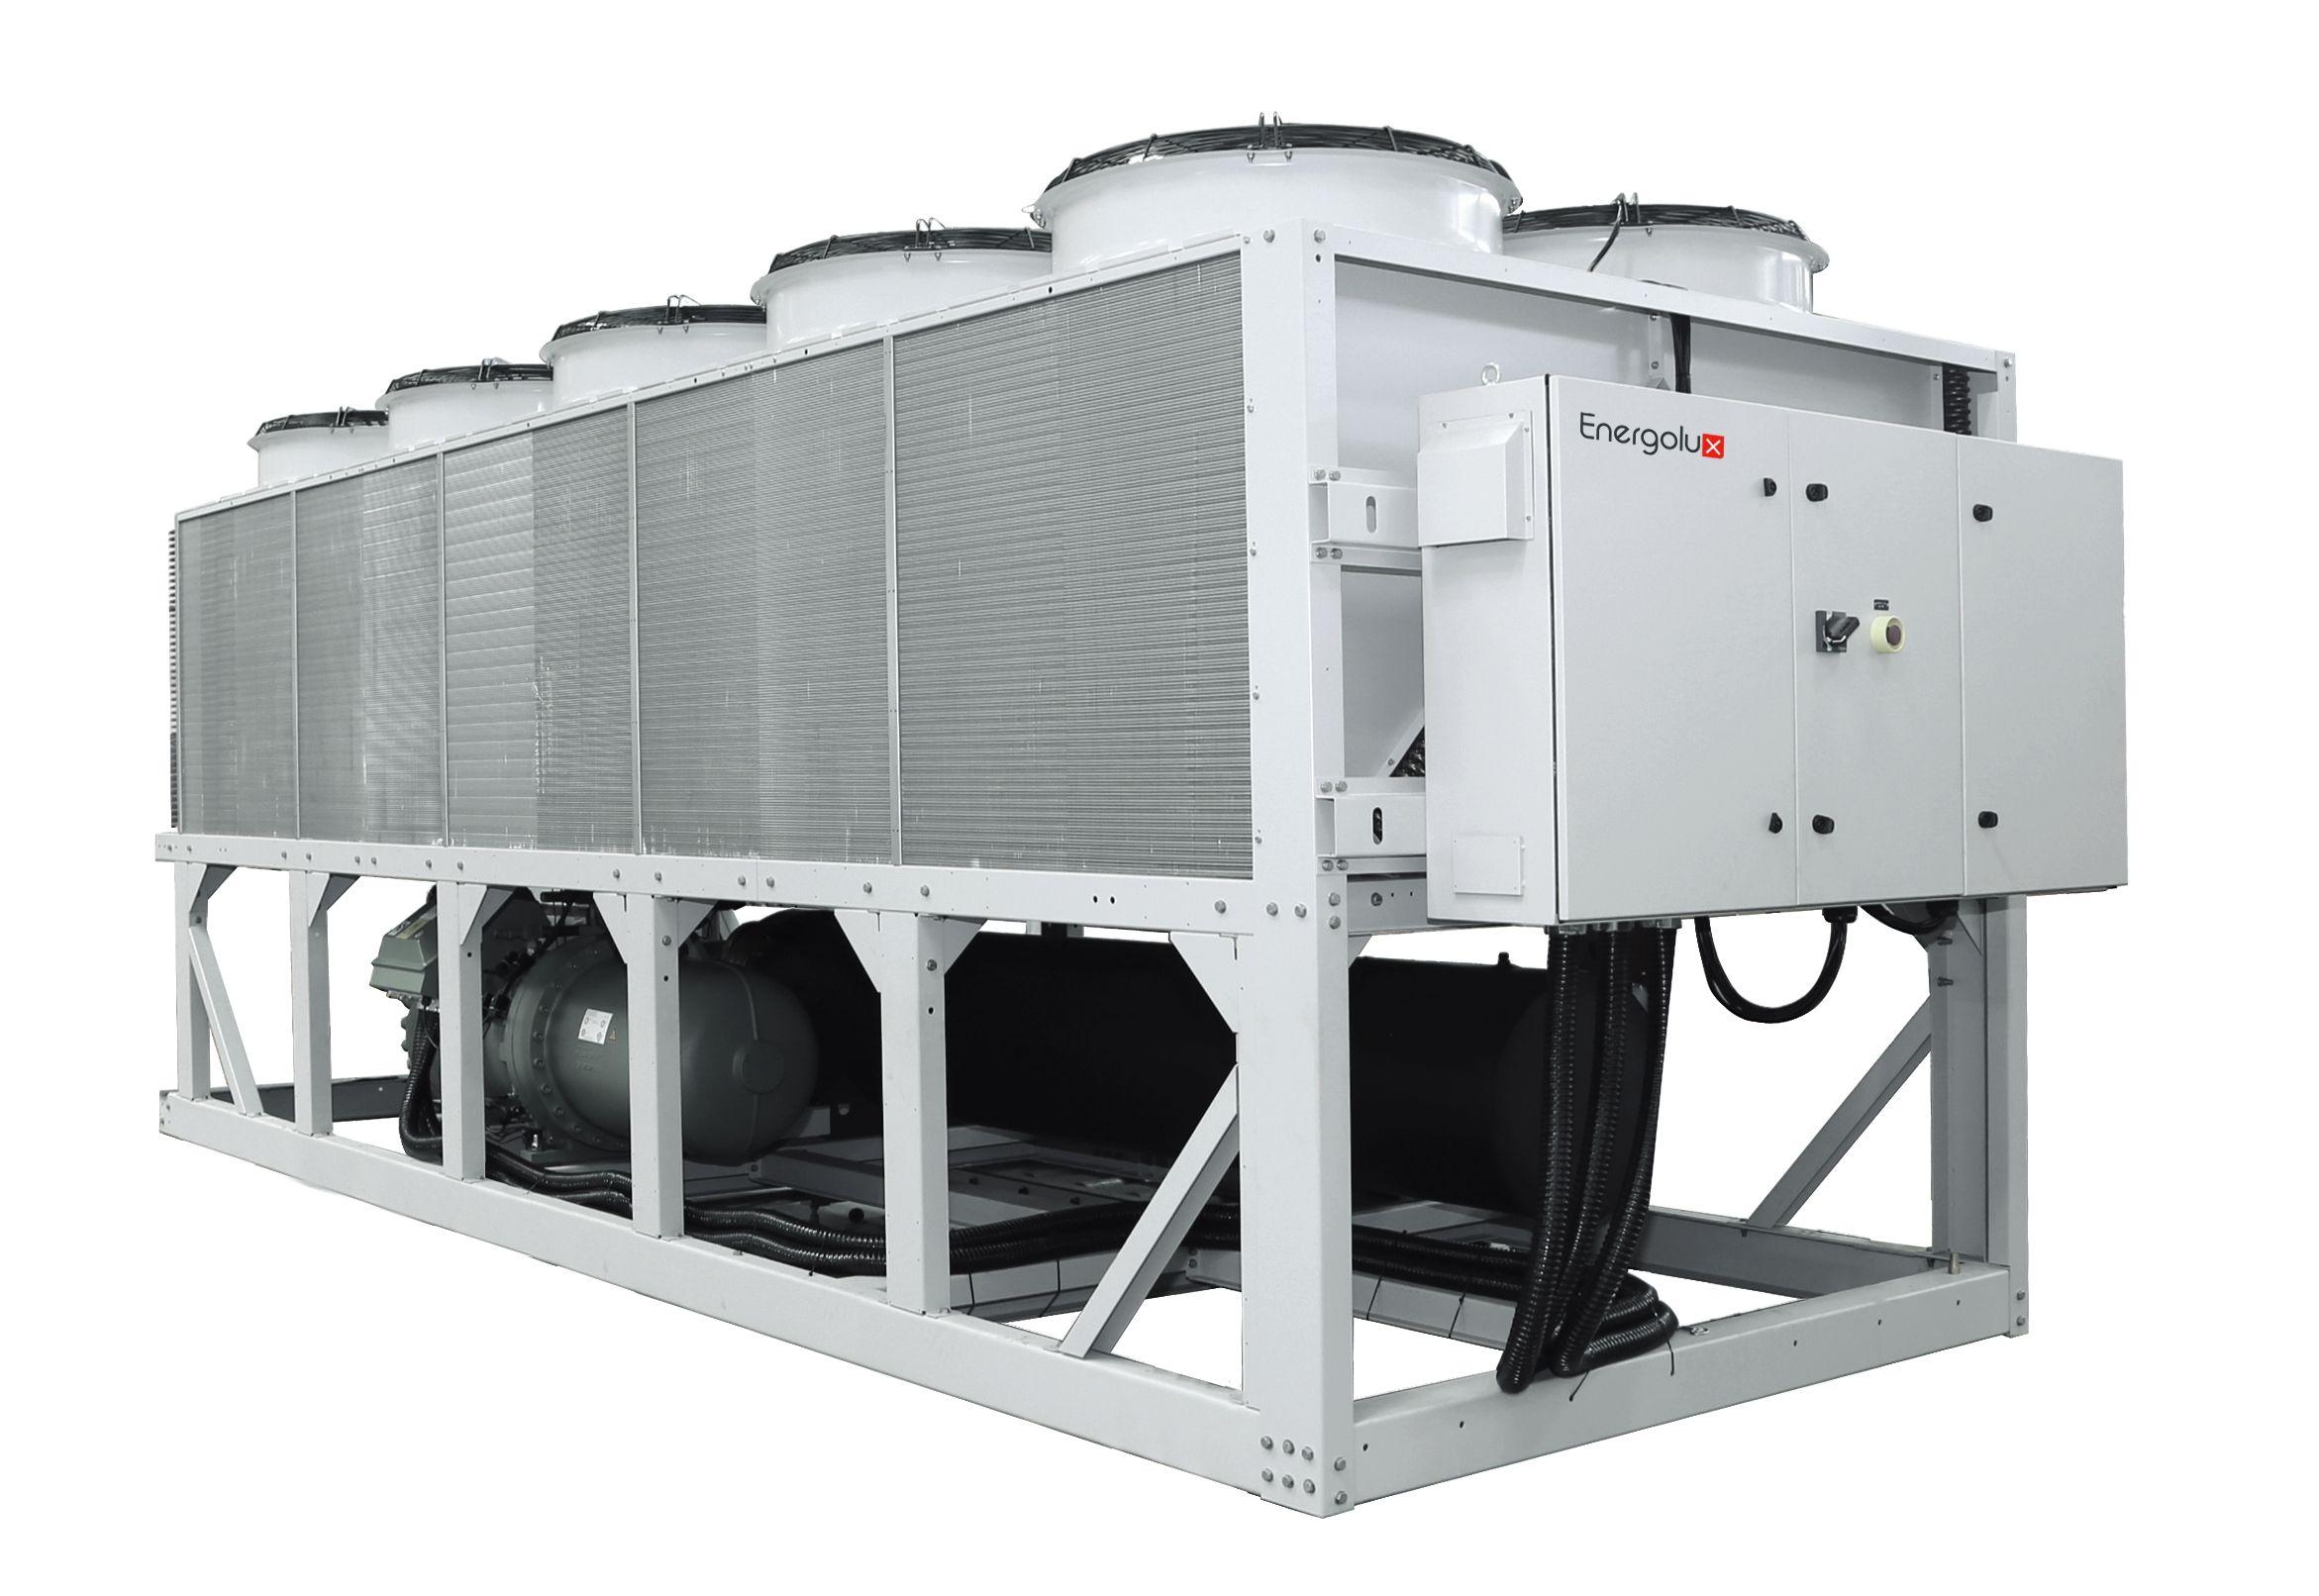 Energolux SCAW-T 2360 V